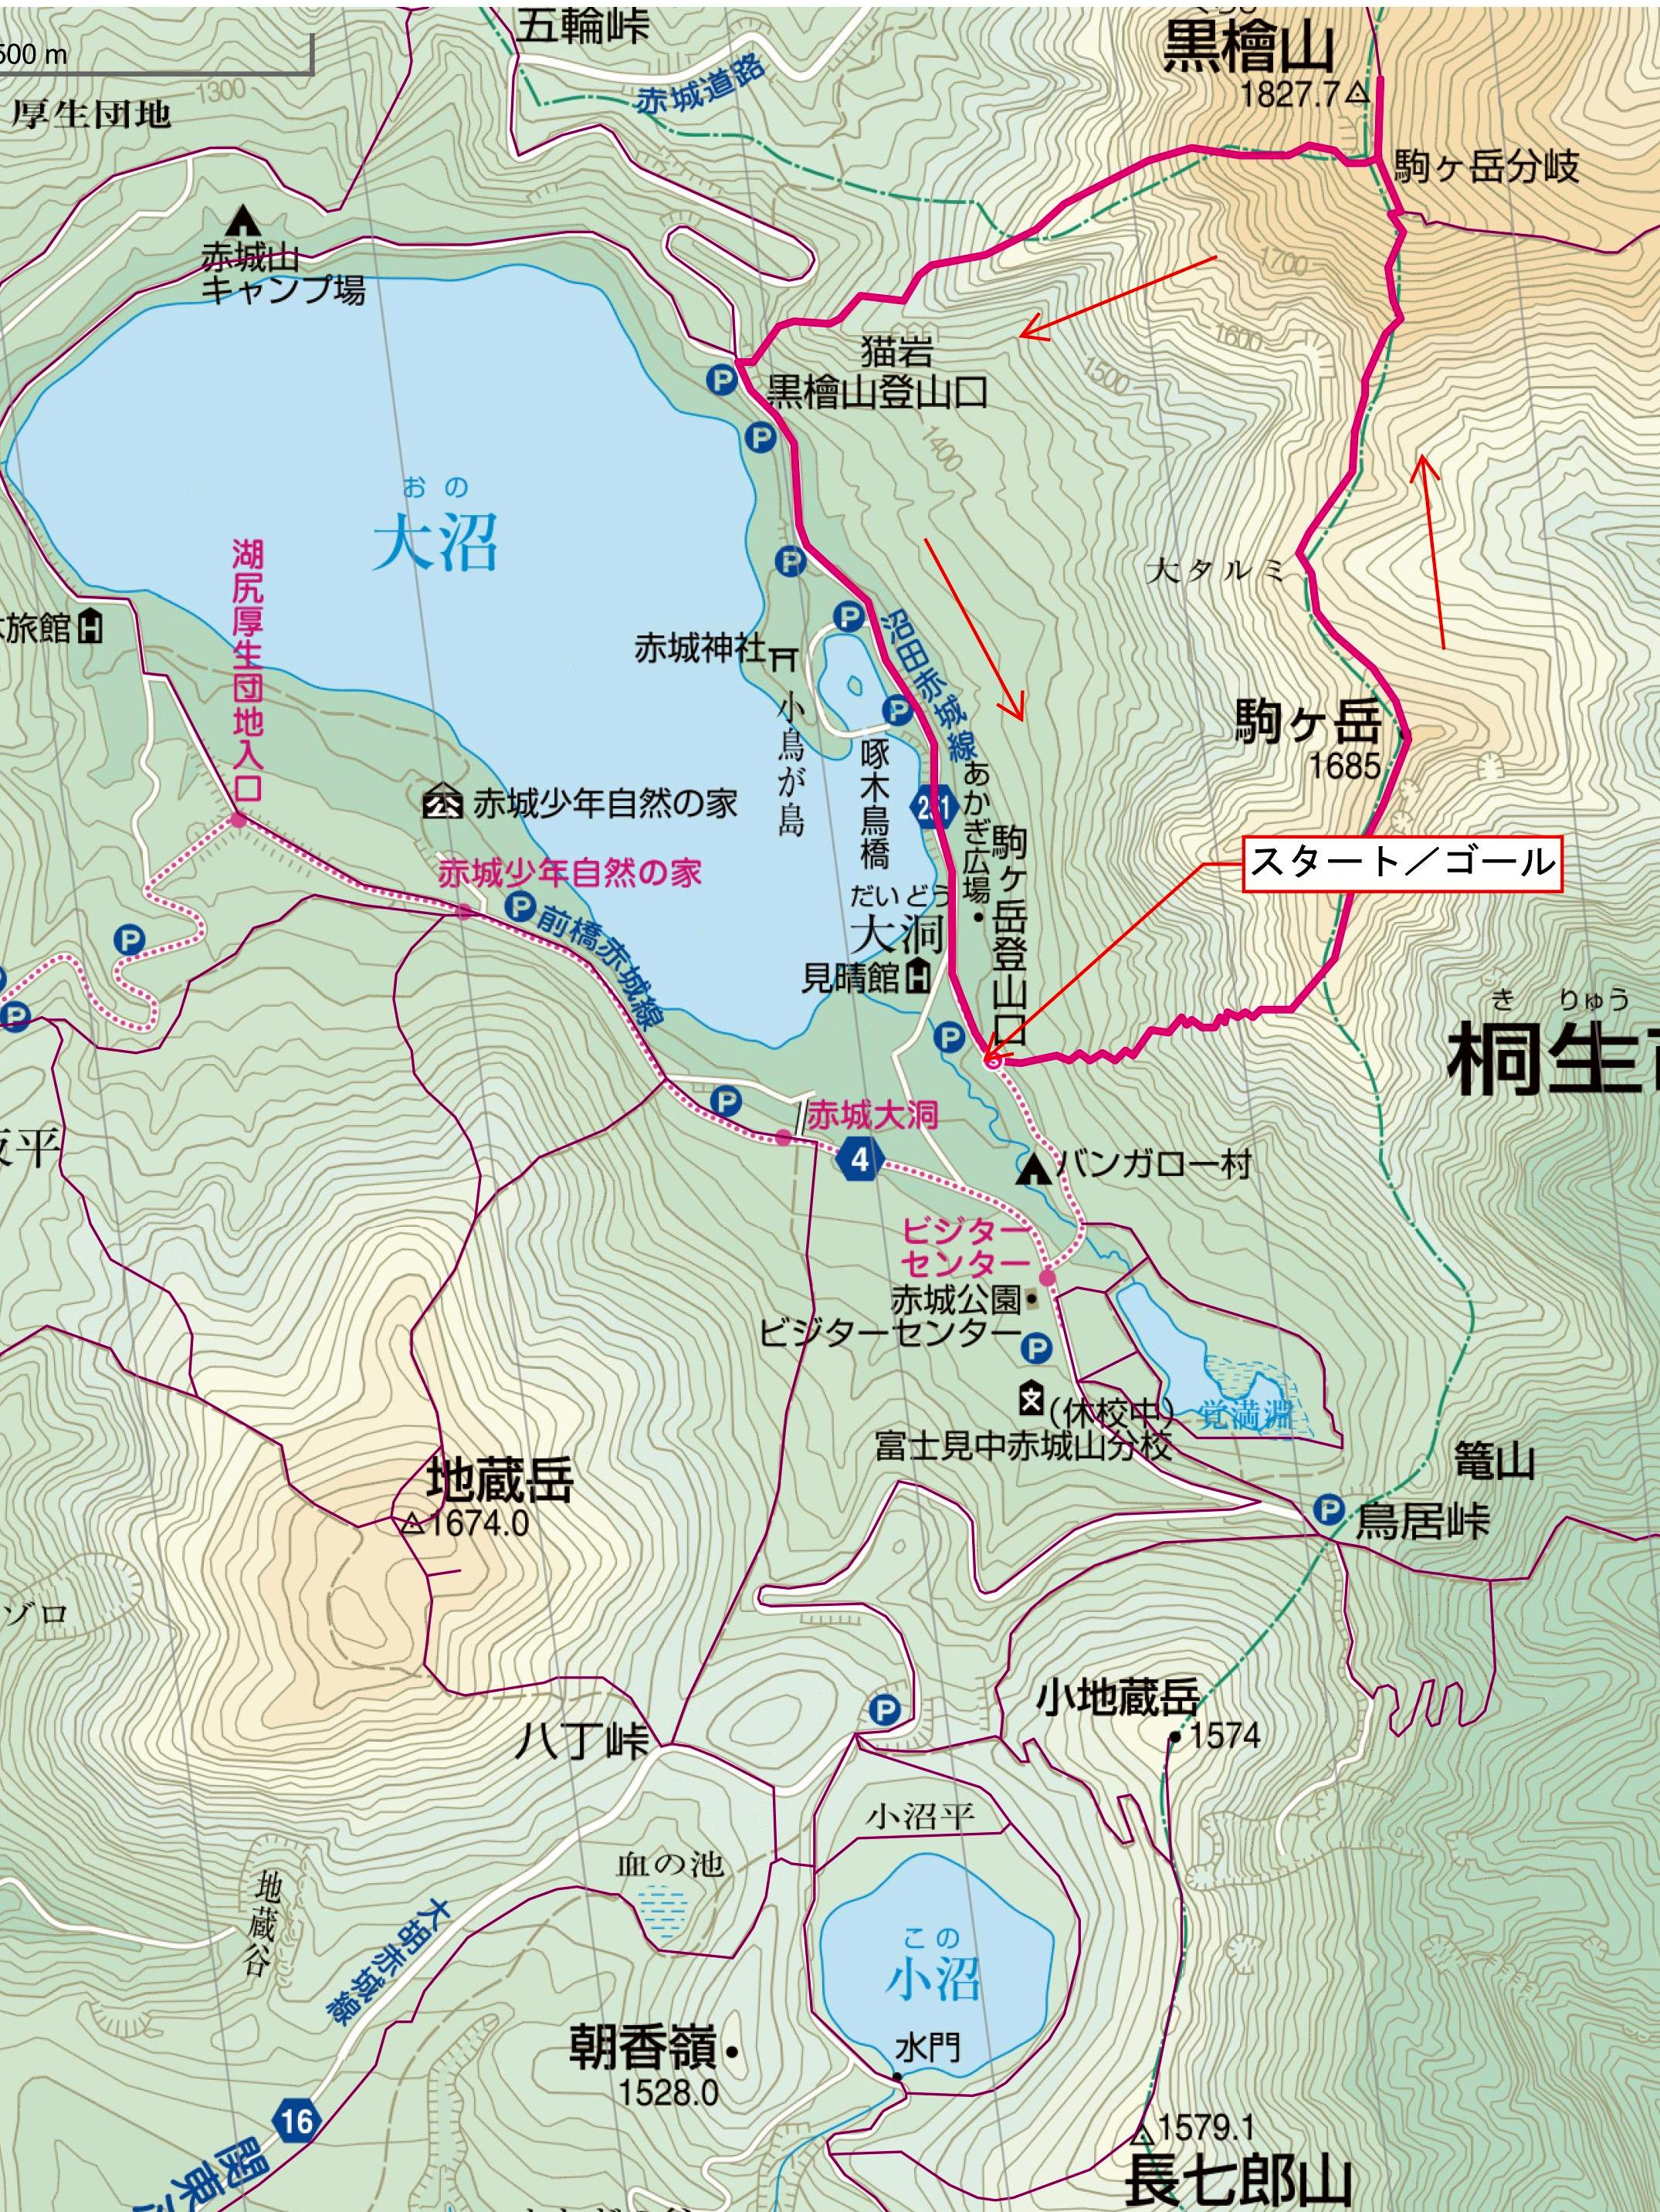 1-[日程未定] 駒ヶ岳登山口~駒ヶ岳登山口 - ヤマレコ_01